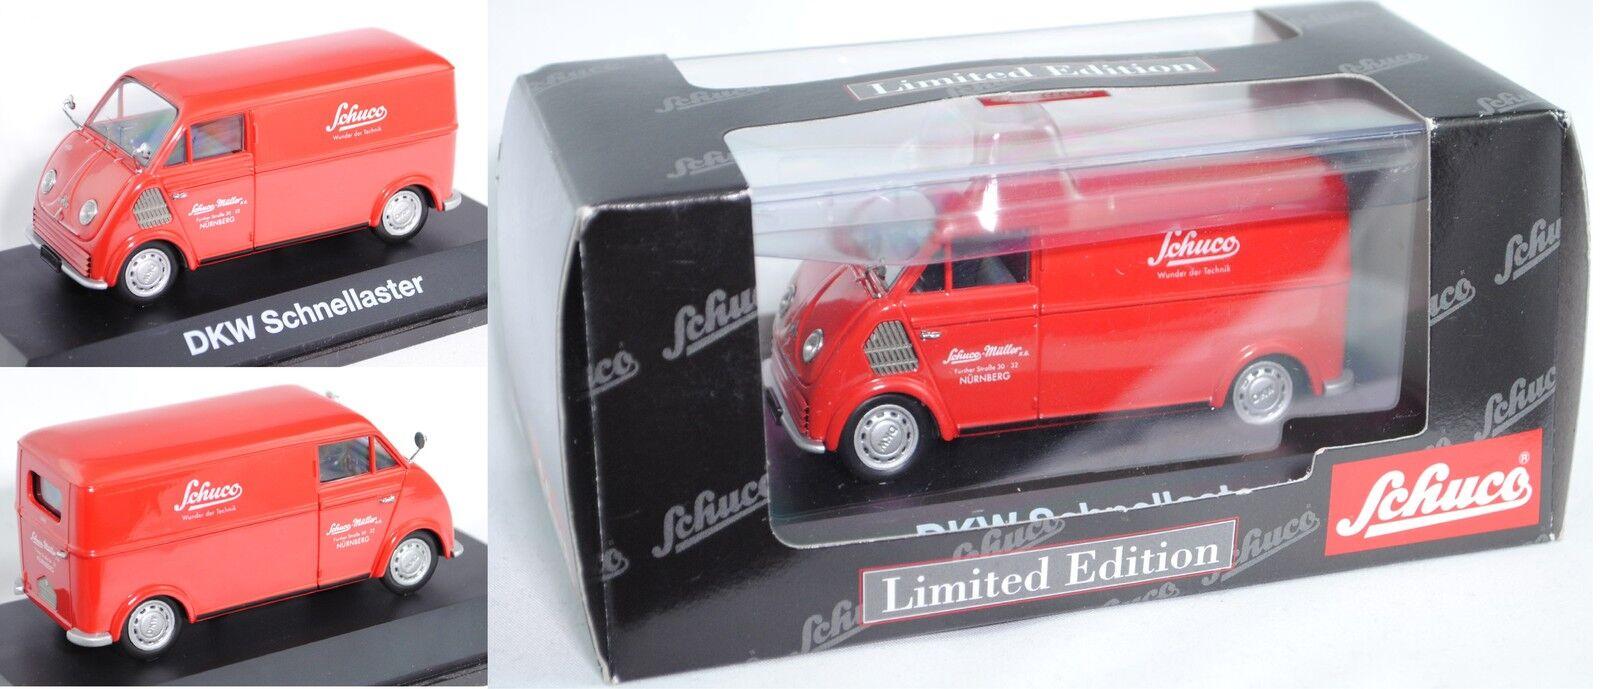 Schuco 02396 DKW-rapidement astre F 800 enré voiture 1 43 Limited Edition